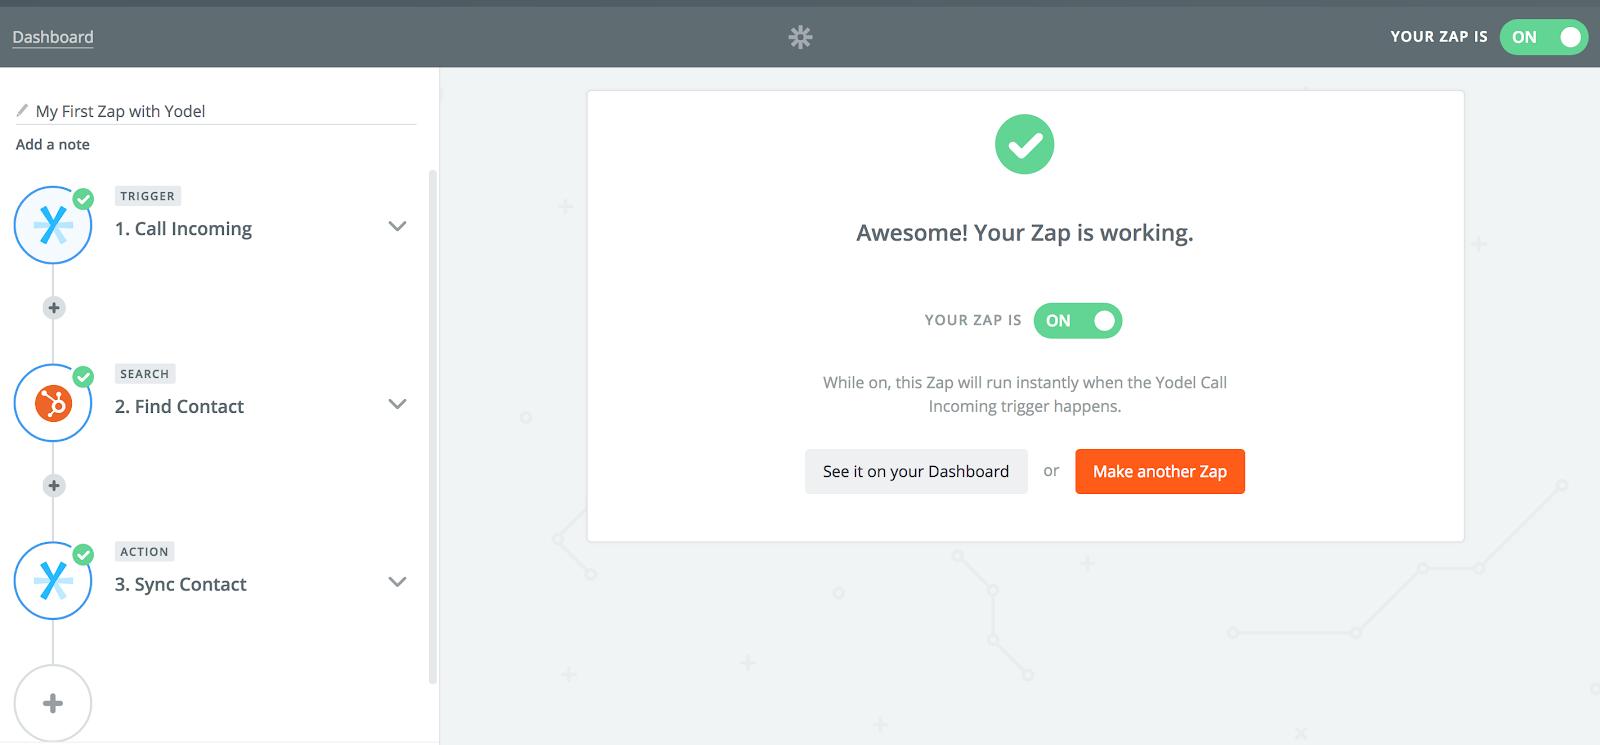 Working Zap Screenshot